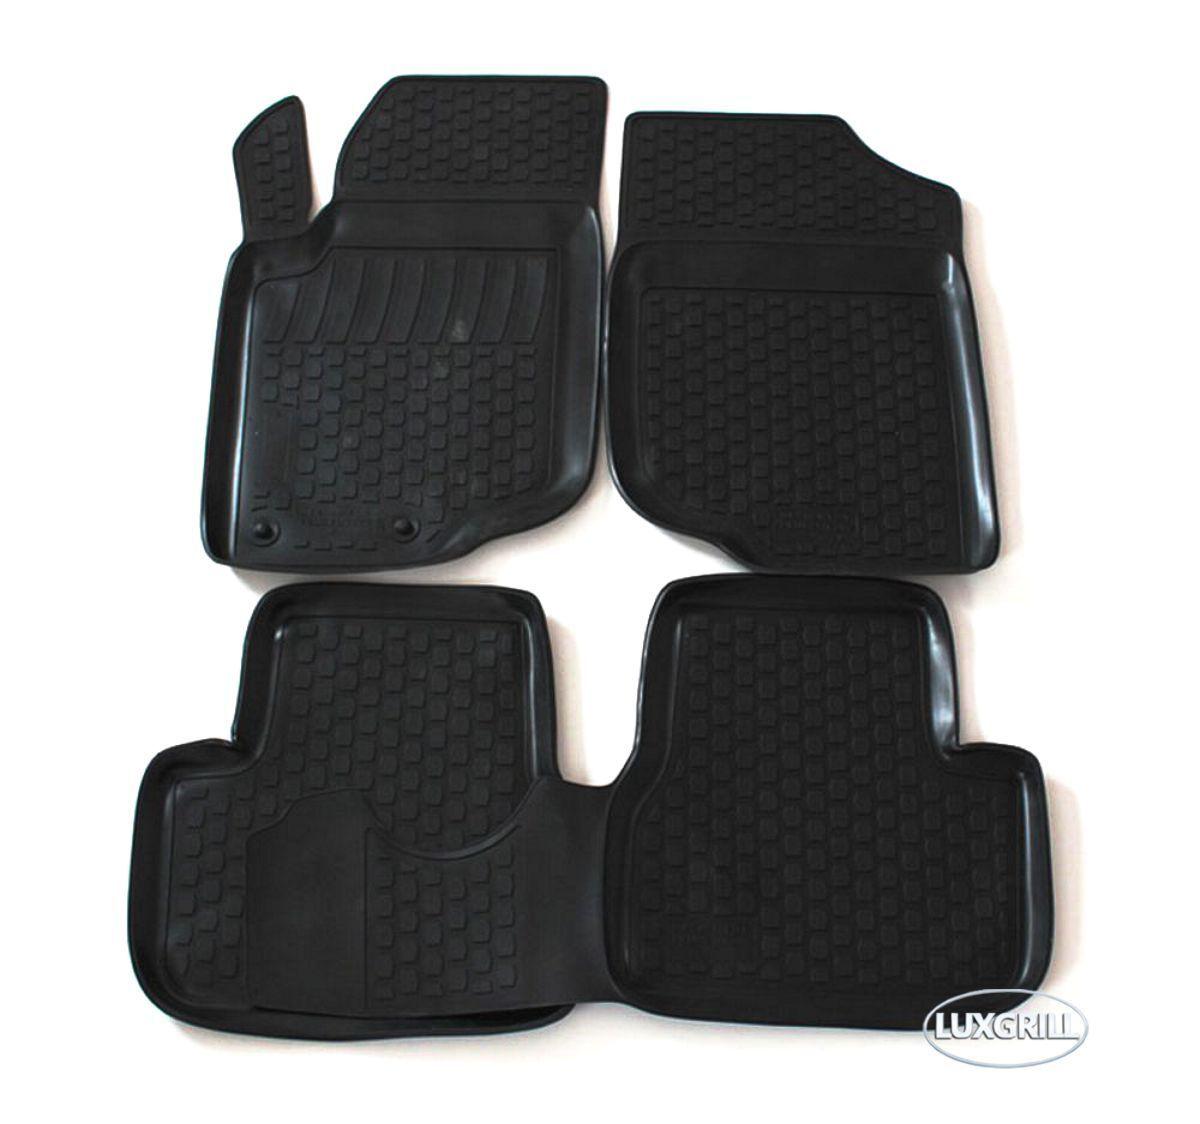 3D Gummi-Fußmatten für PEUGEOT 307 2001-2007 4-tlg Gummimatten